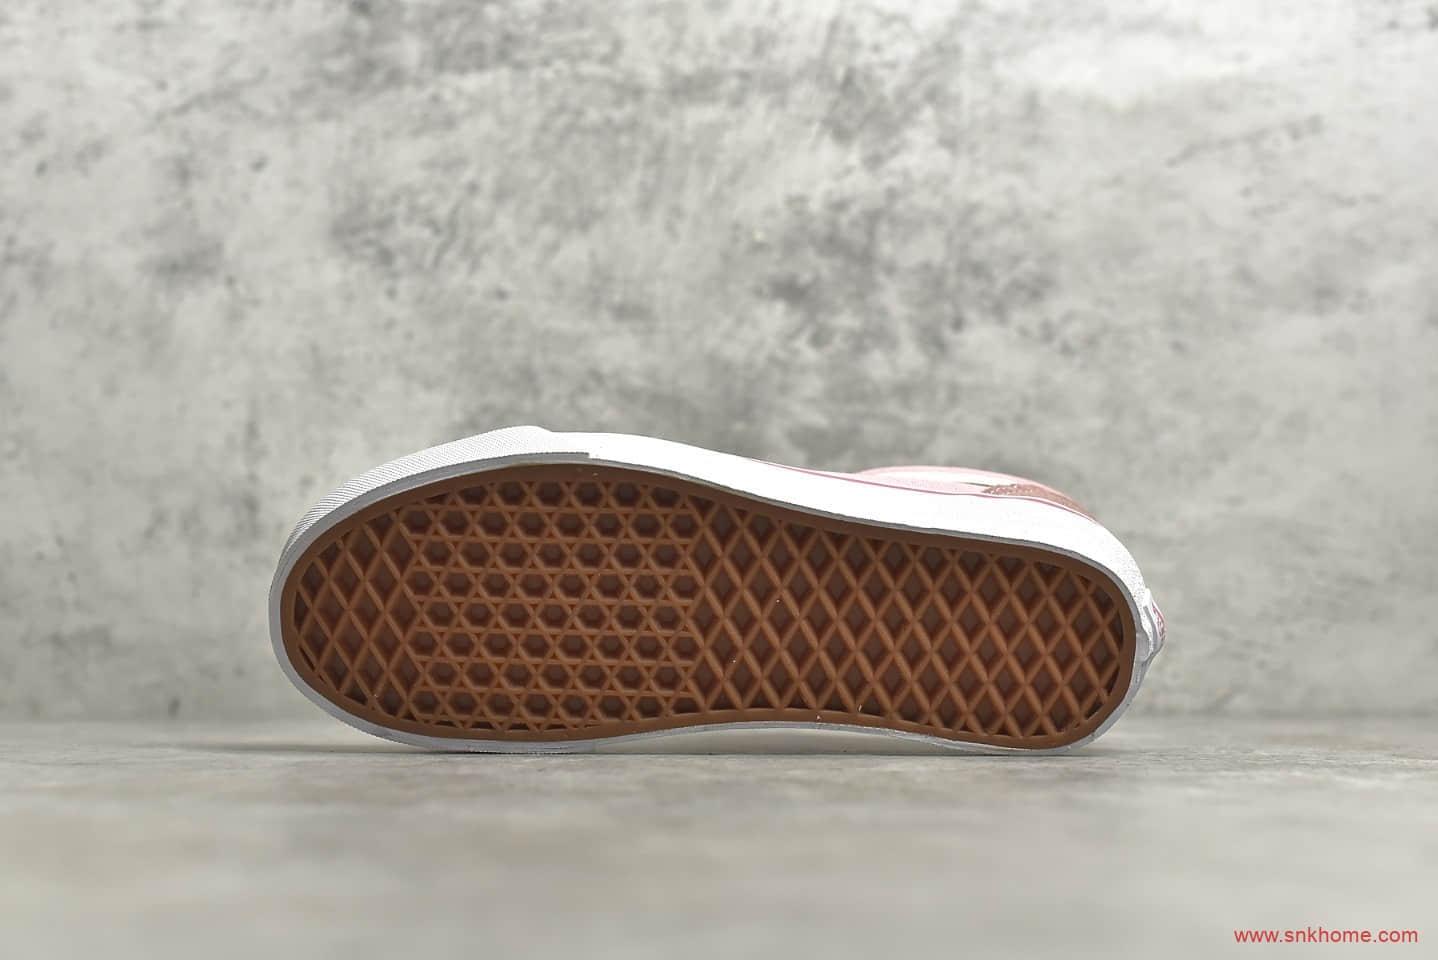 万斯经典麂皮帆布 公司级版本万斯经典粉色低帮帆布鞋 莆田万斯货源-潮流者之家